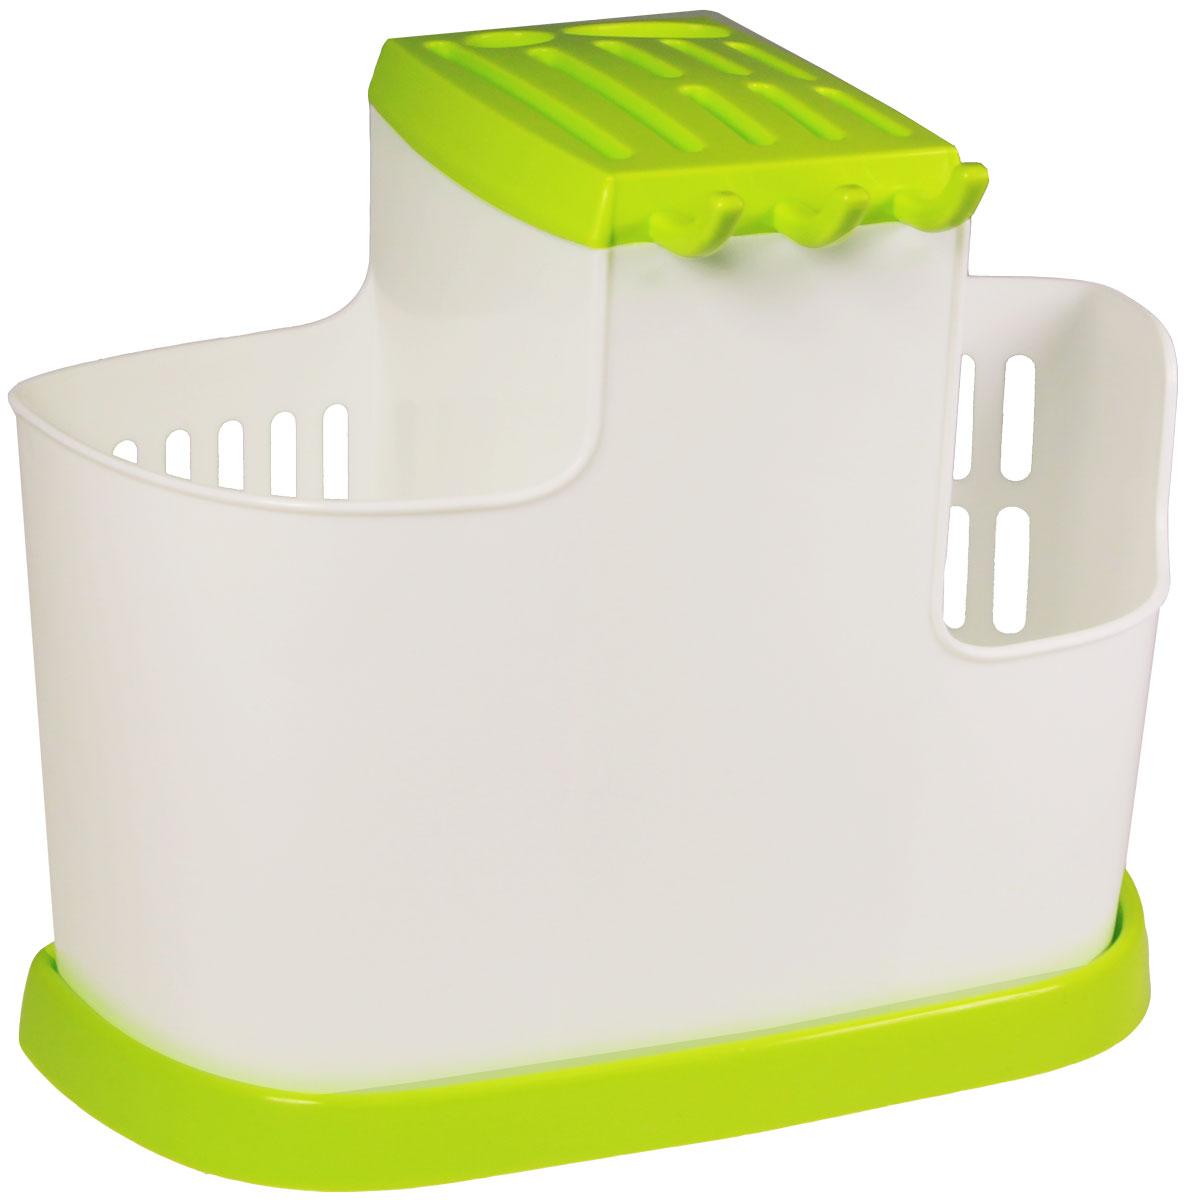 Органайзер кухонный Idea, цвет: салатовый, 19 х 25 х 14,5 смМ 1178Кухонный органайзер Idea позволит вам при помощи трех секций сушить или хранить столовые приборы, а при помощи специального поддона обеспечивается сток воды.Размер: 19 х 25 х 14,5 см